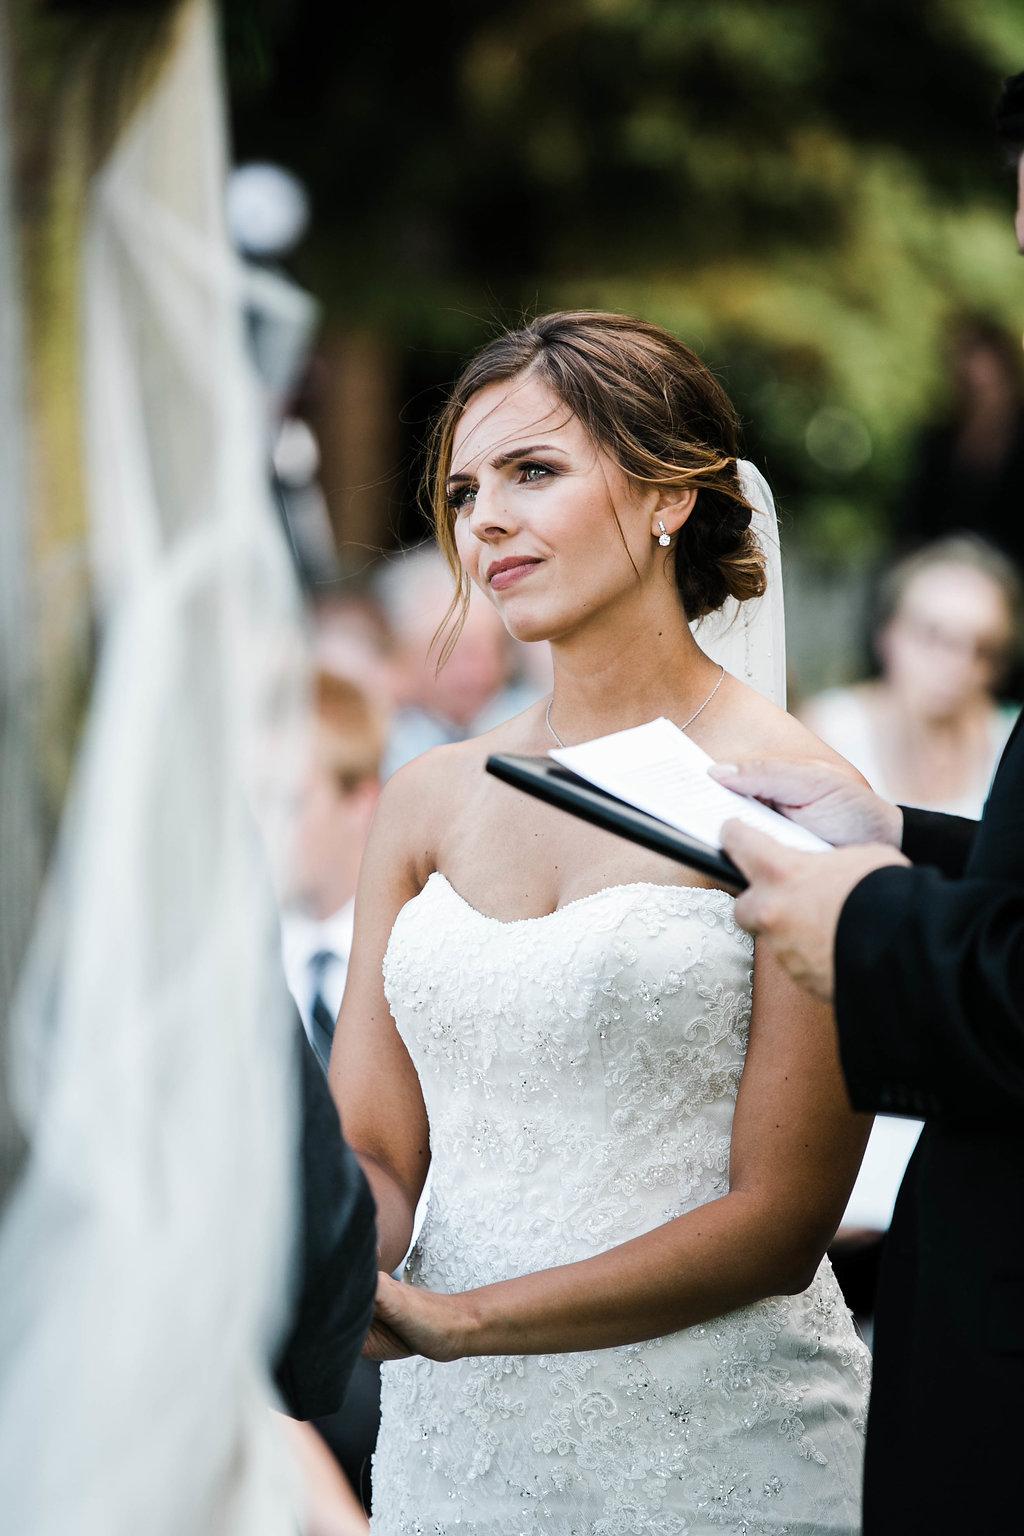 Erin+Tyson_The_Kelley_Farm_Wedding_by_Adina_Preston_Weddings_629.JPG